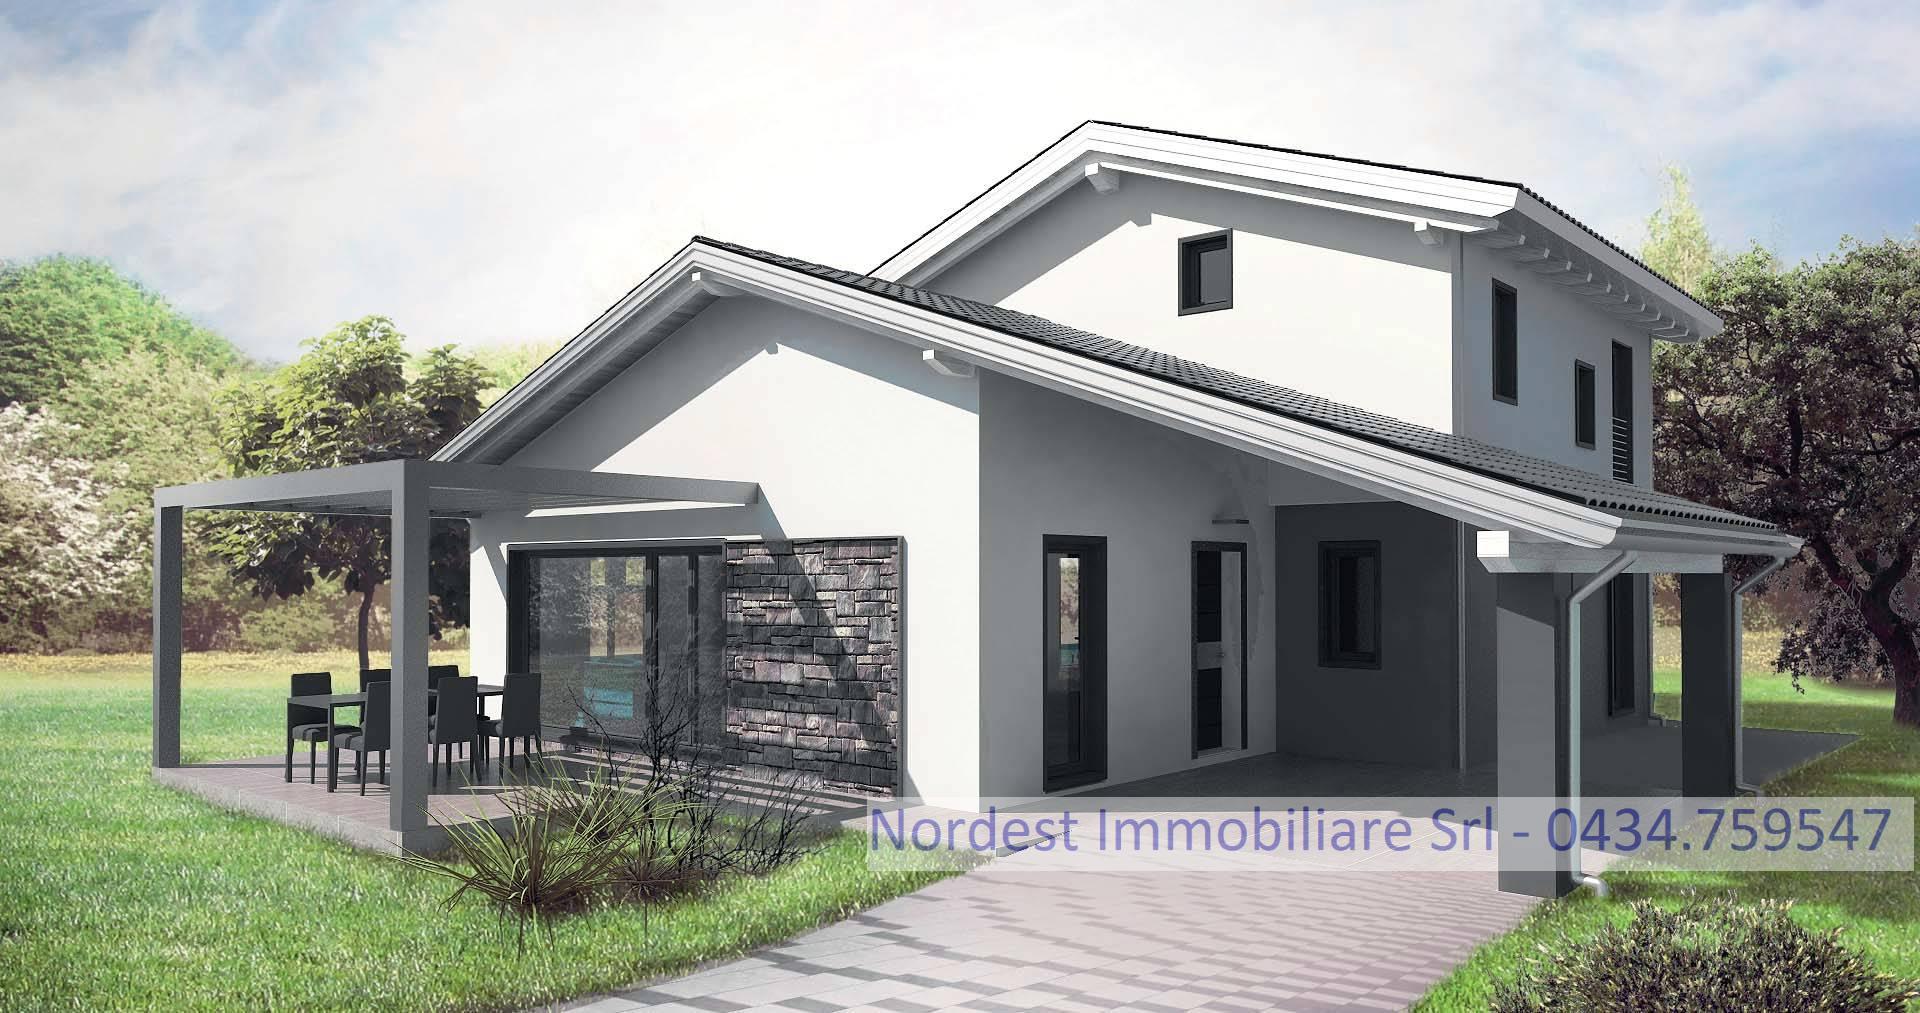 Soluzione Indipendente in vendita a Istrana, 6 locali, prezzo € 160.000 | CambioCasa.it